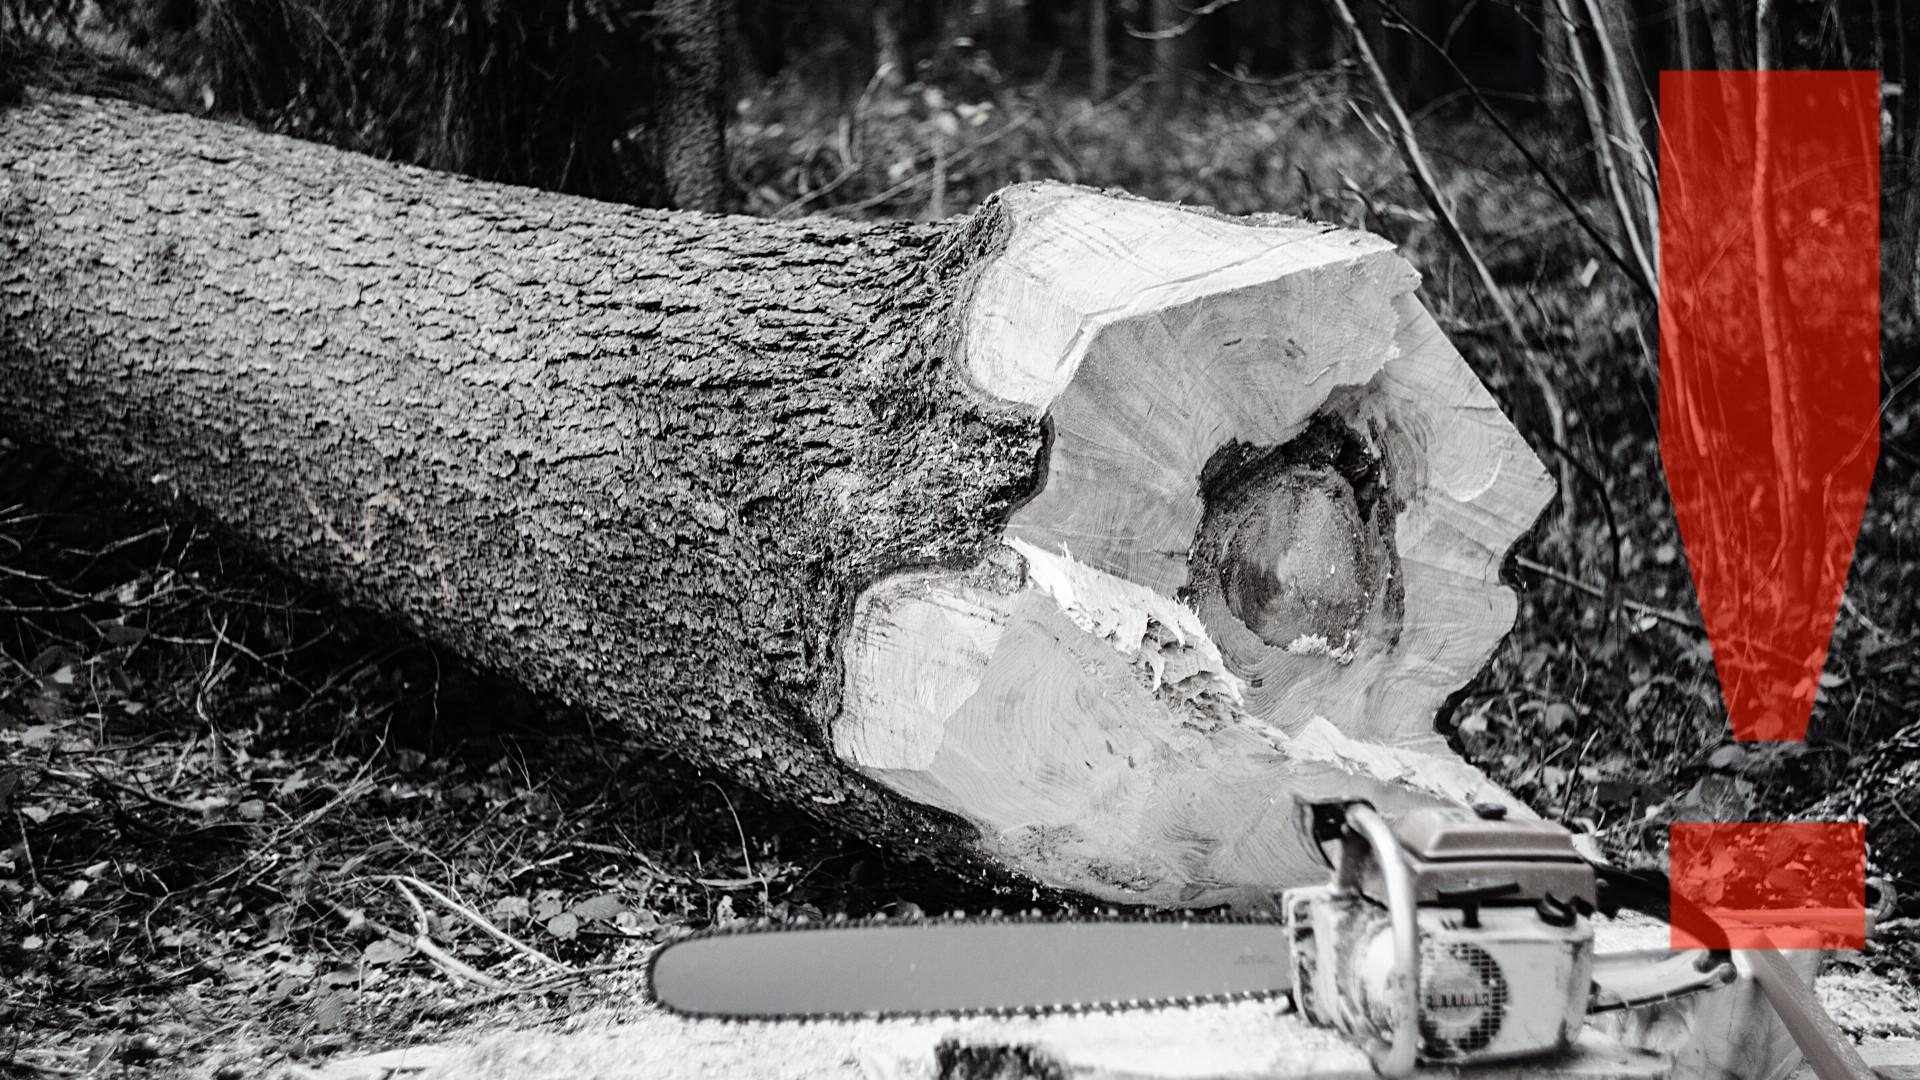 Încă un eșec al statului român – Tăierile ilegale de păduri fac noi victime